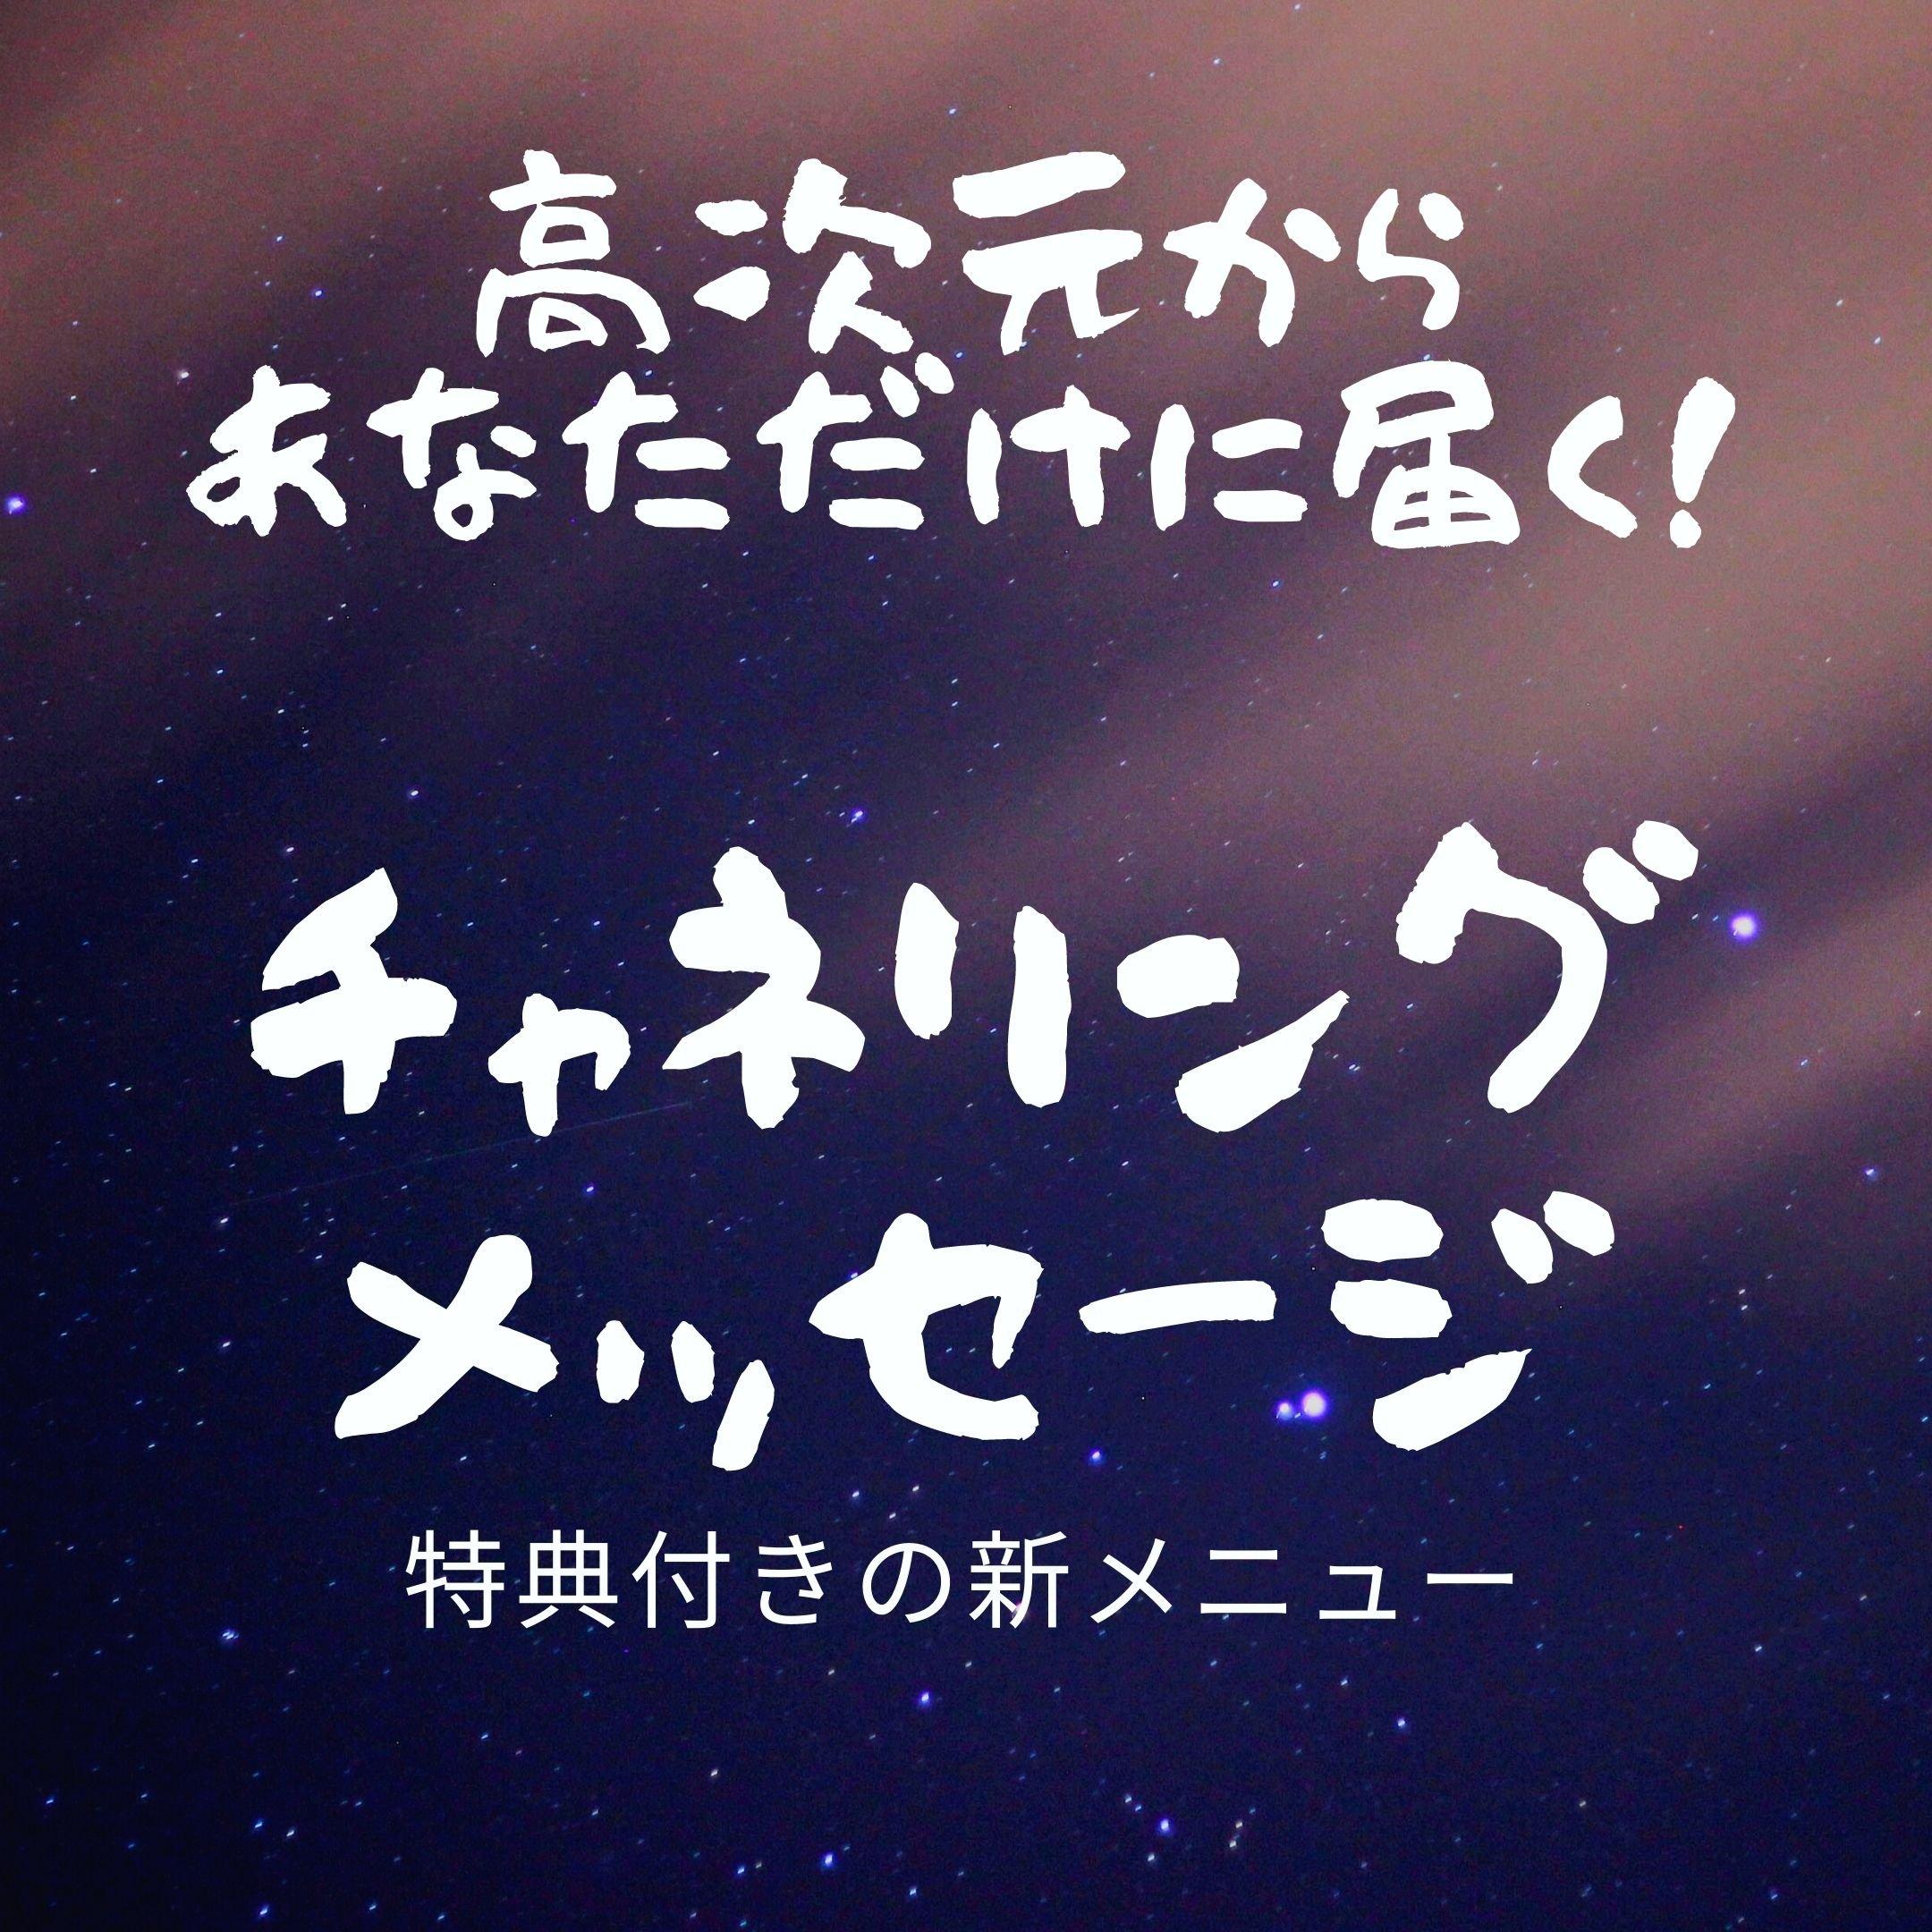 【コースA】〜高次元からあなただけに届く〜チャネリングメッセージのイメージその1